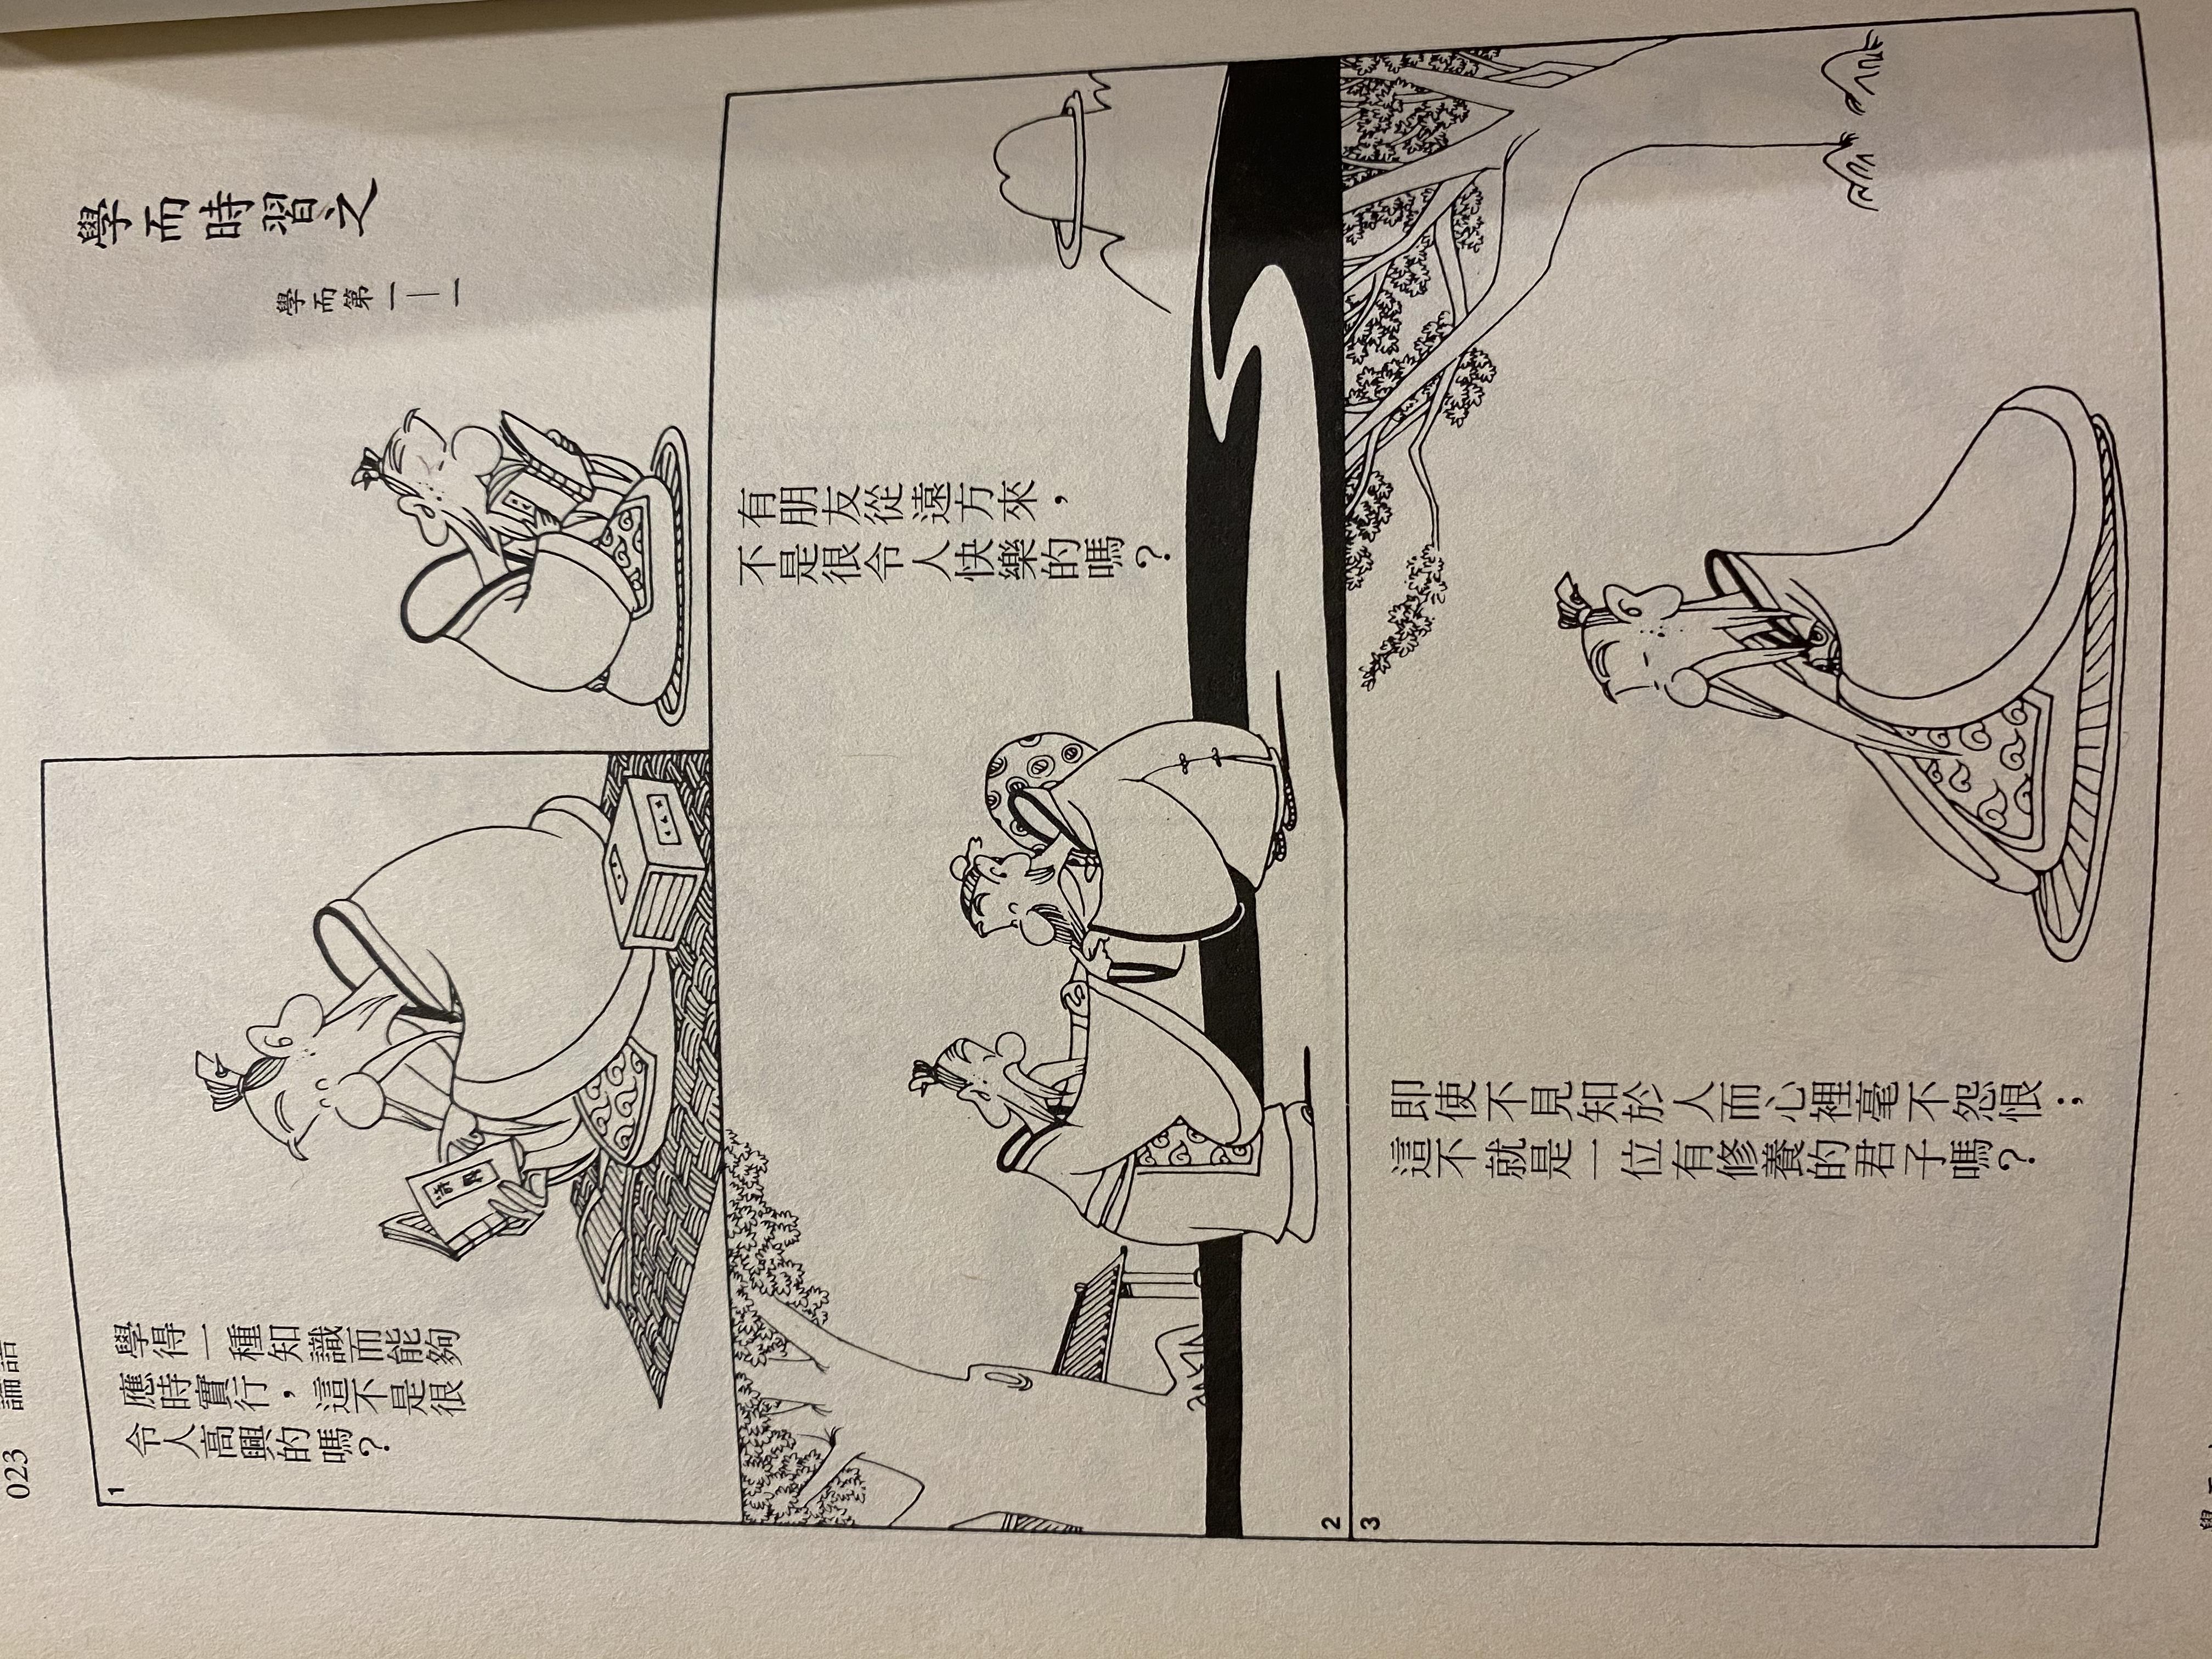 S2-298/ 學而時習之/ 漫畫中國思想隨身大全/ 蔡志忠表示繪著/ 大塊文化